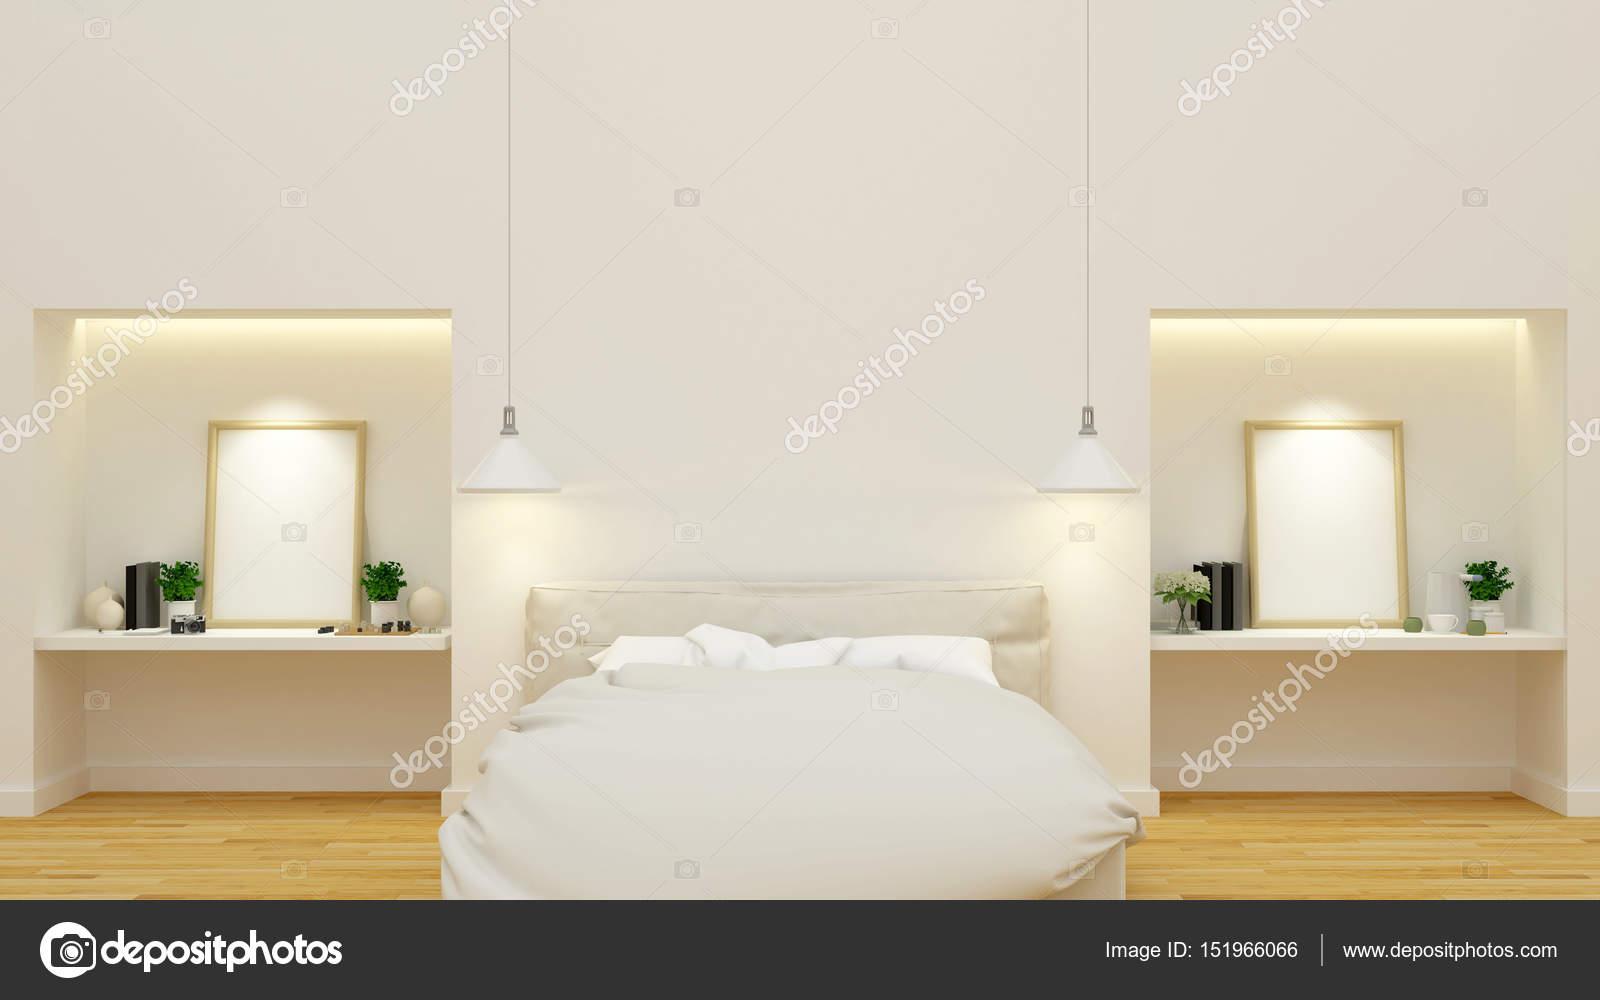 slaapkamer en werkruimte schone ontwerp 3d rendering stockfoto